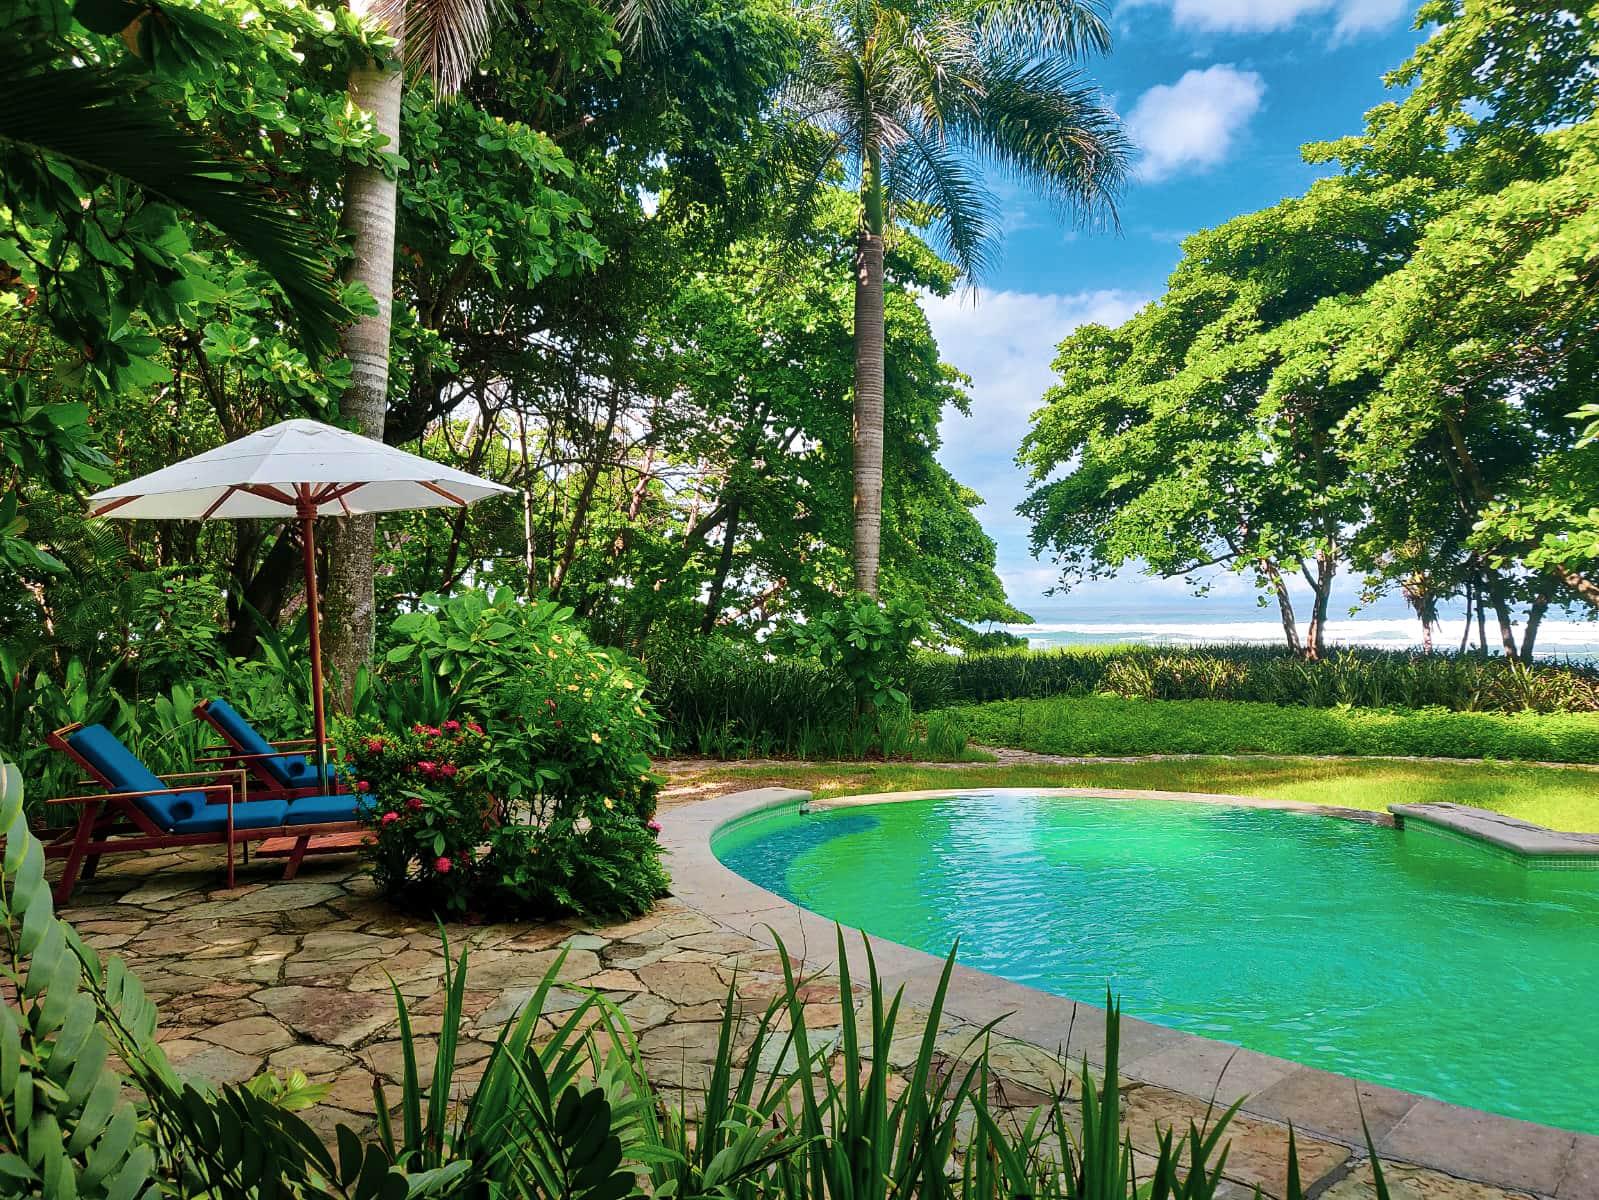 Pool im Latitude 10 Resort in Santa Teresa, Costa Rica